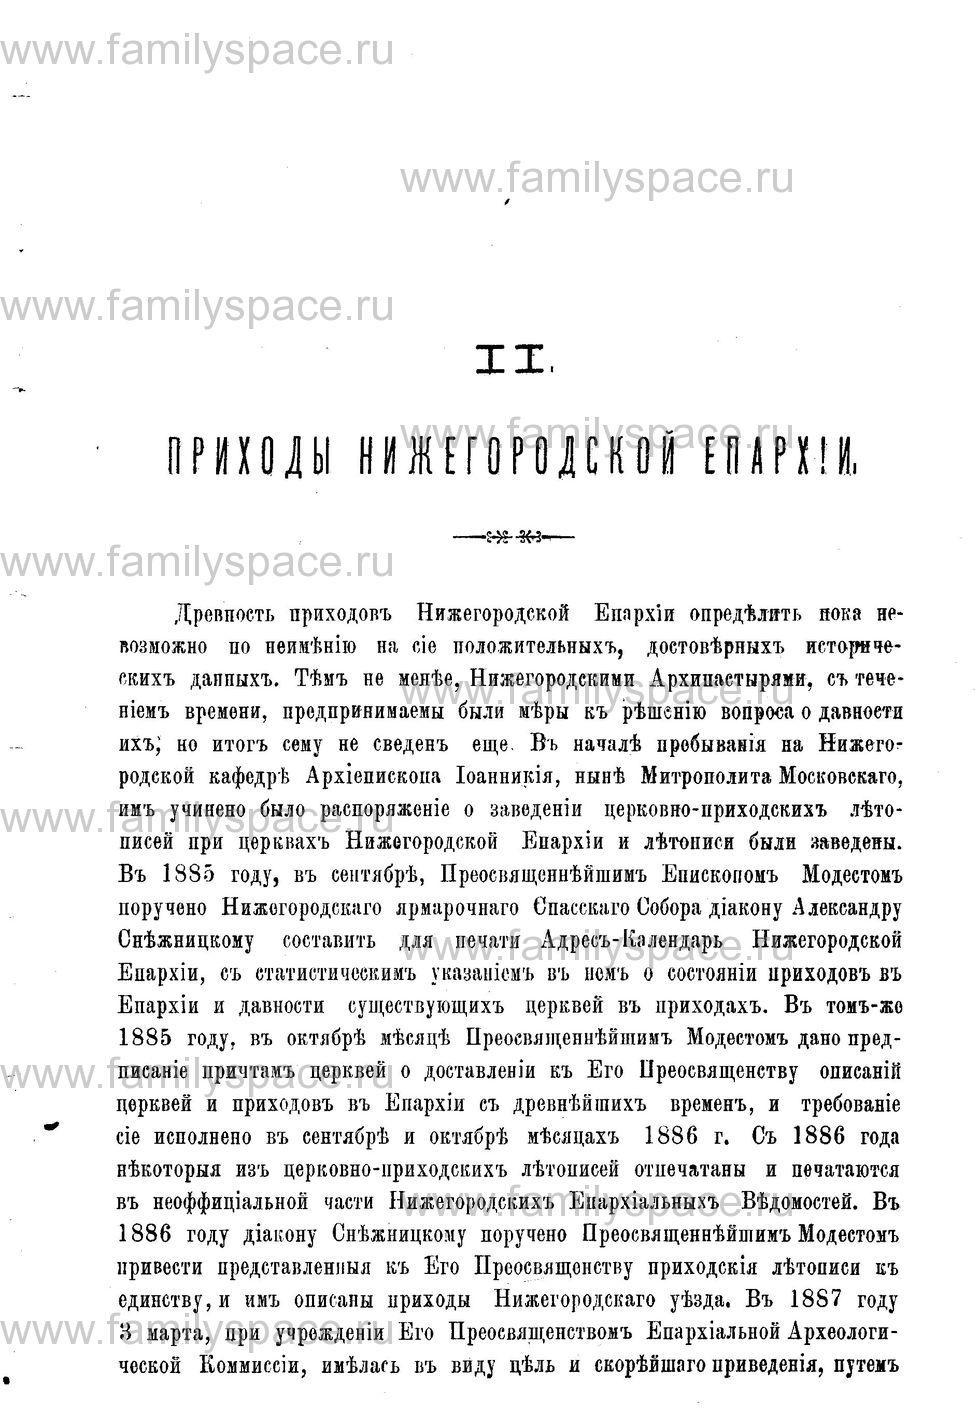 Поиск по фамилии - Адрес-календарь Нижегородской епархии на 1888 год, страница 1483